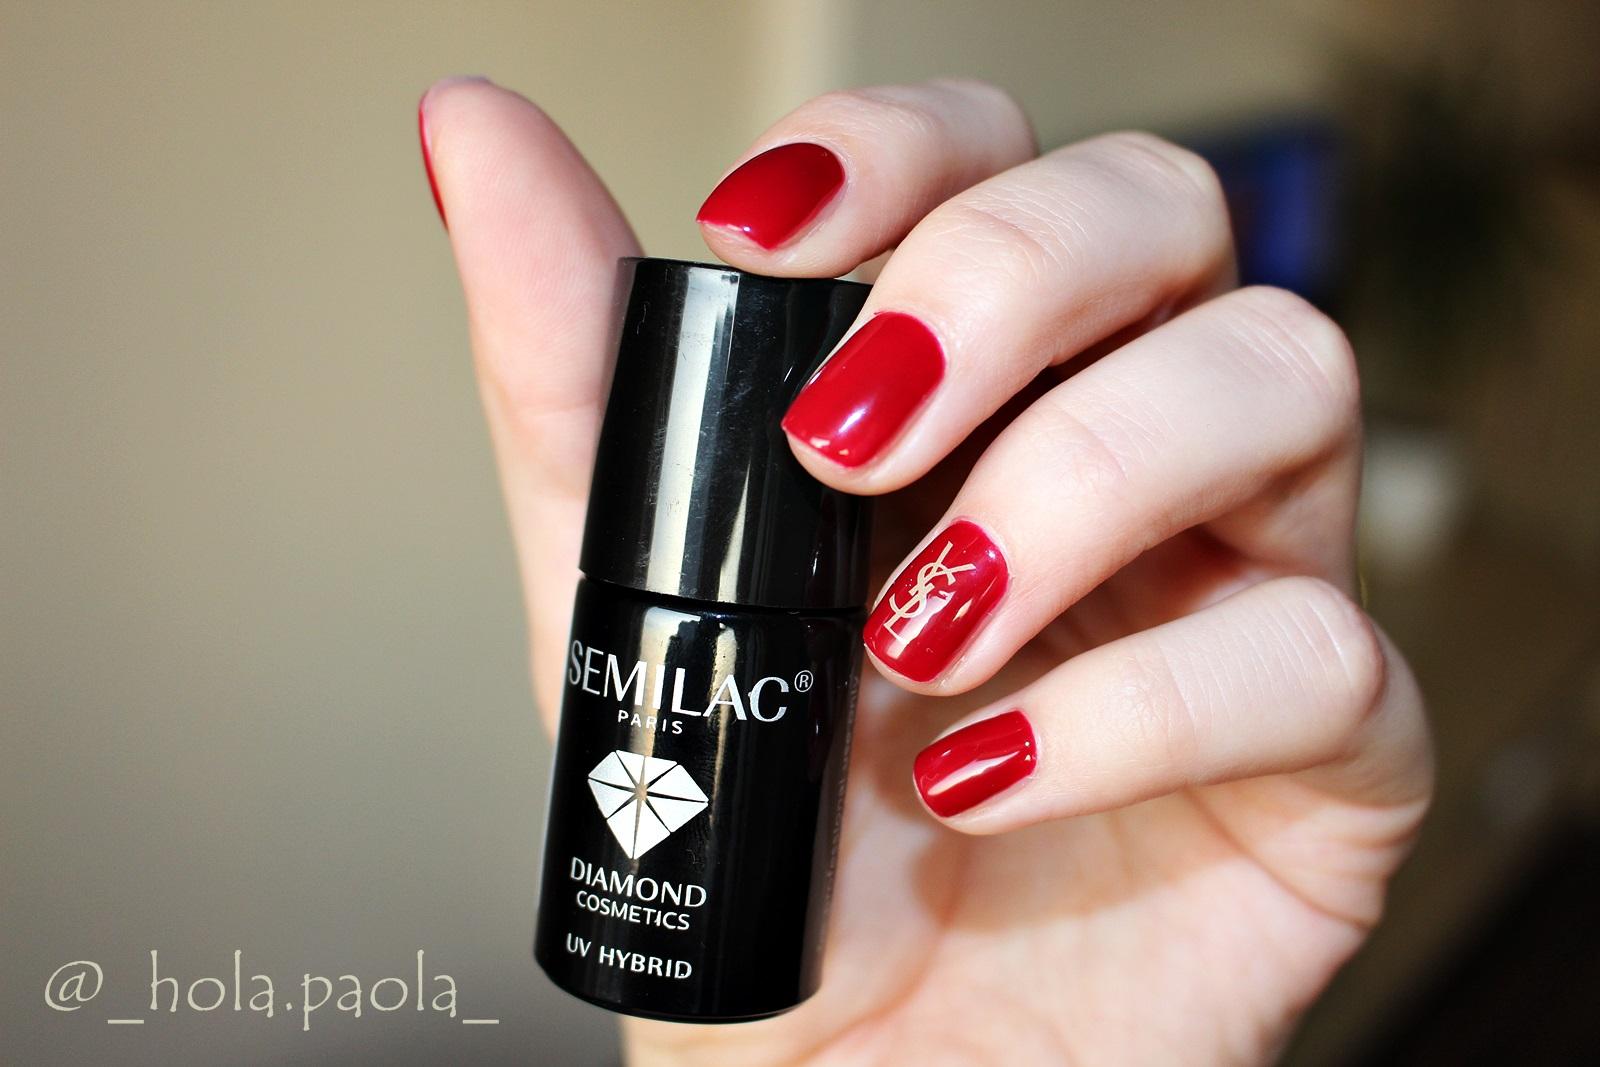 Lakier hybrydowy Semilac 071 Deep Red YSL nails brand nails red nails sexy classic lady nails gdzie kupic hybrydowe lakiery jaka firma do domu water dectal gucci dior chanel burberry jaki lakier na jesień jaki kolor na jesień paznokcie